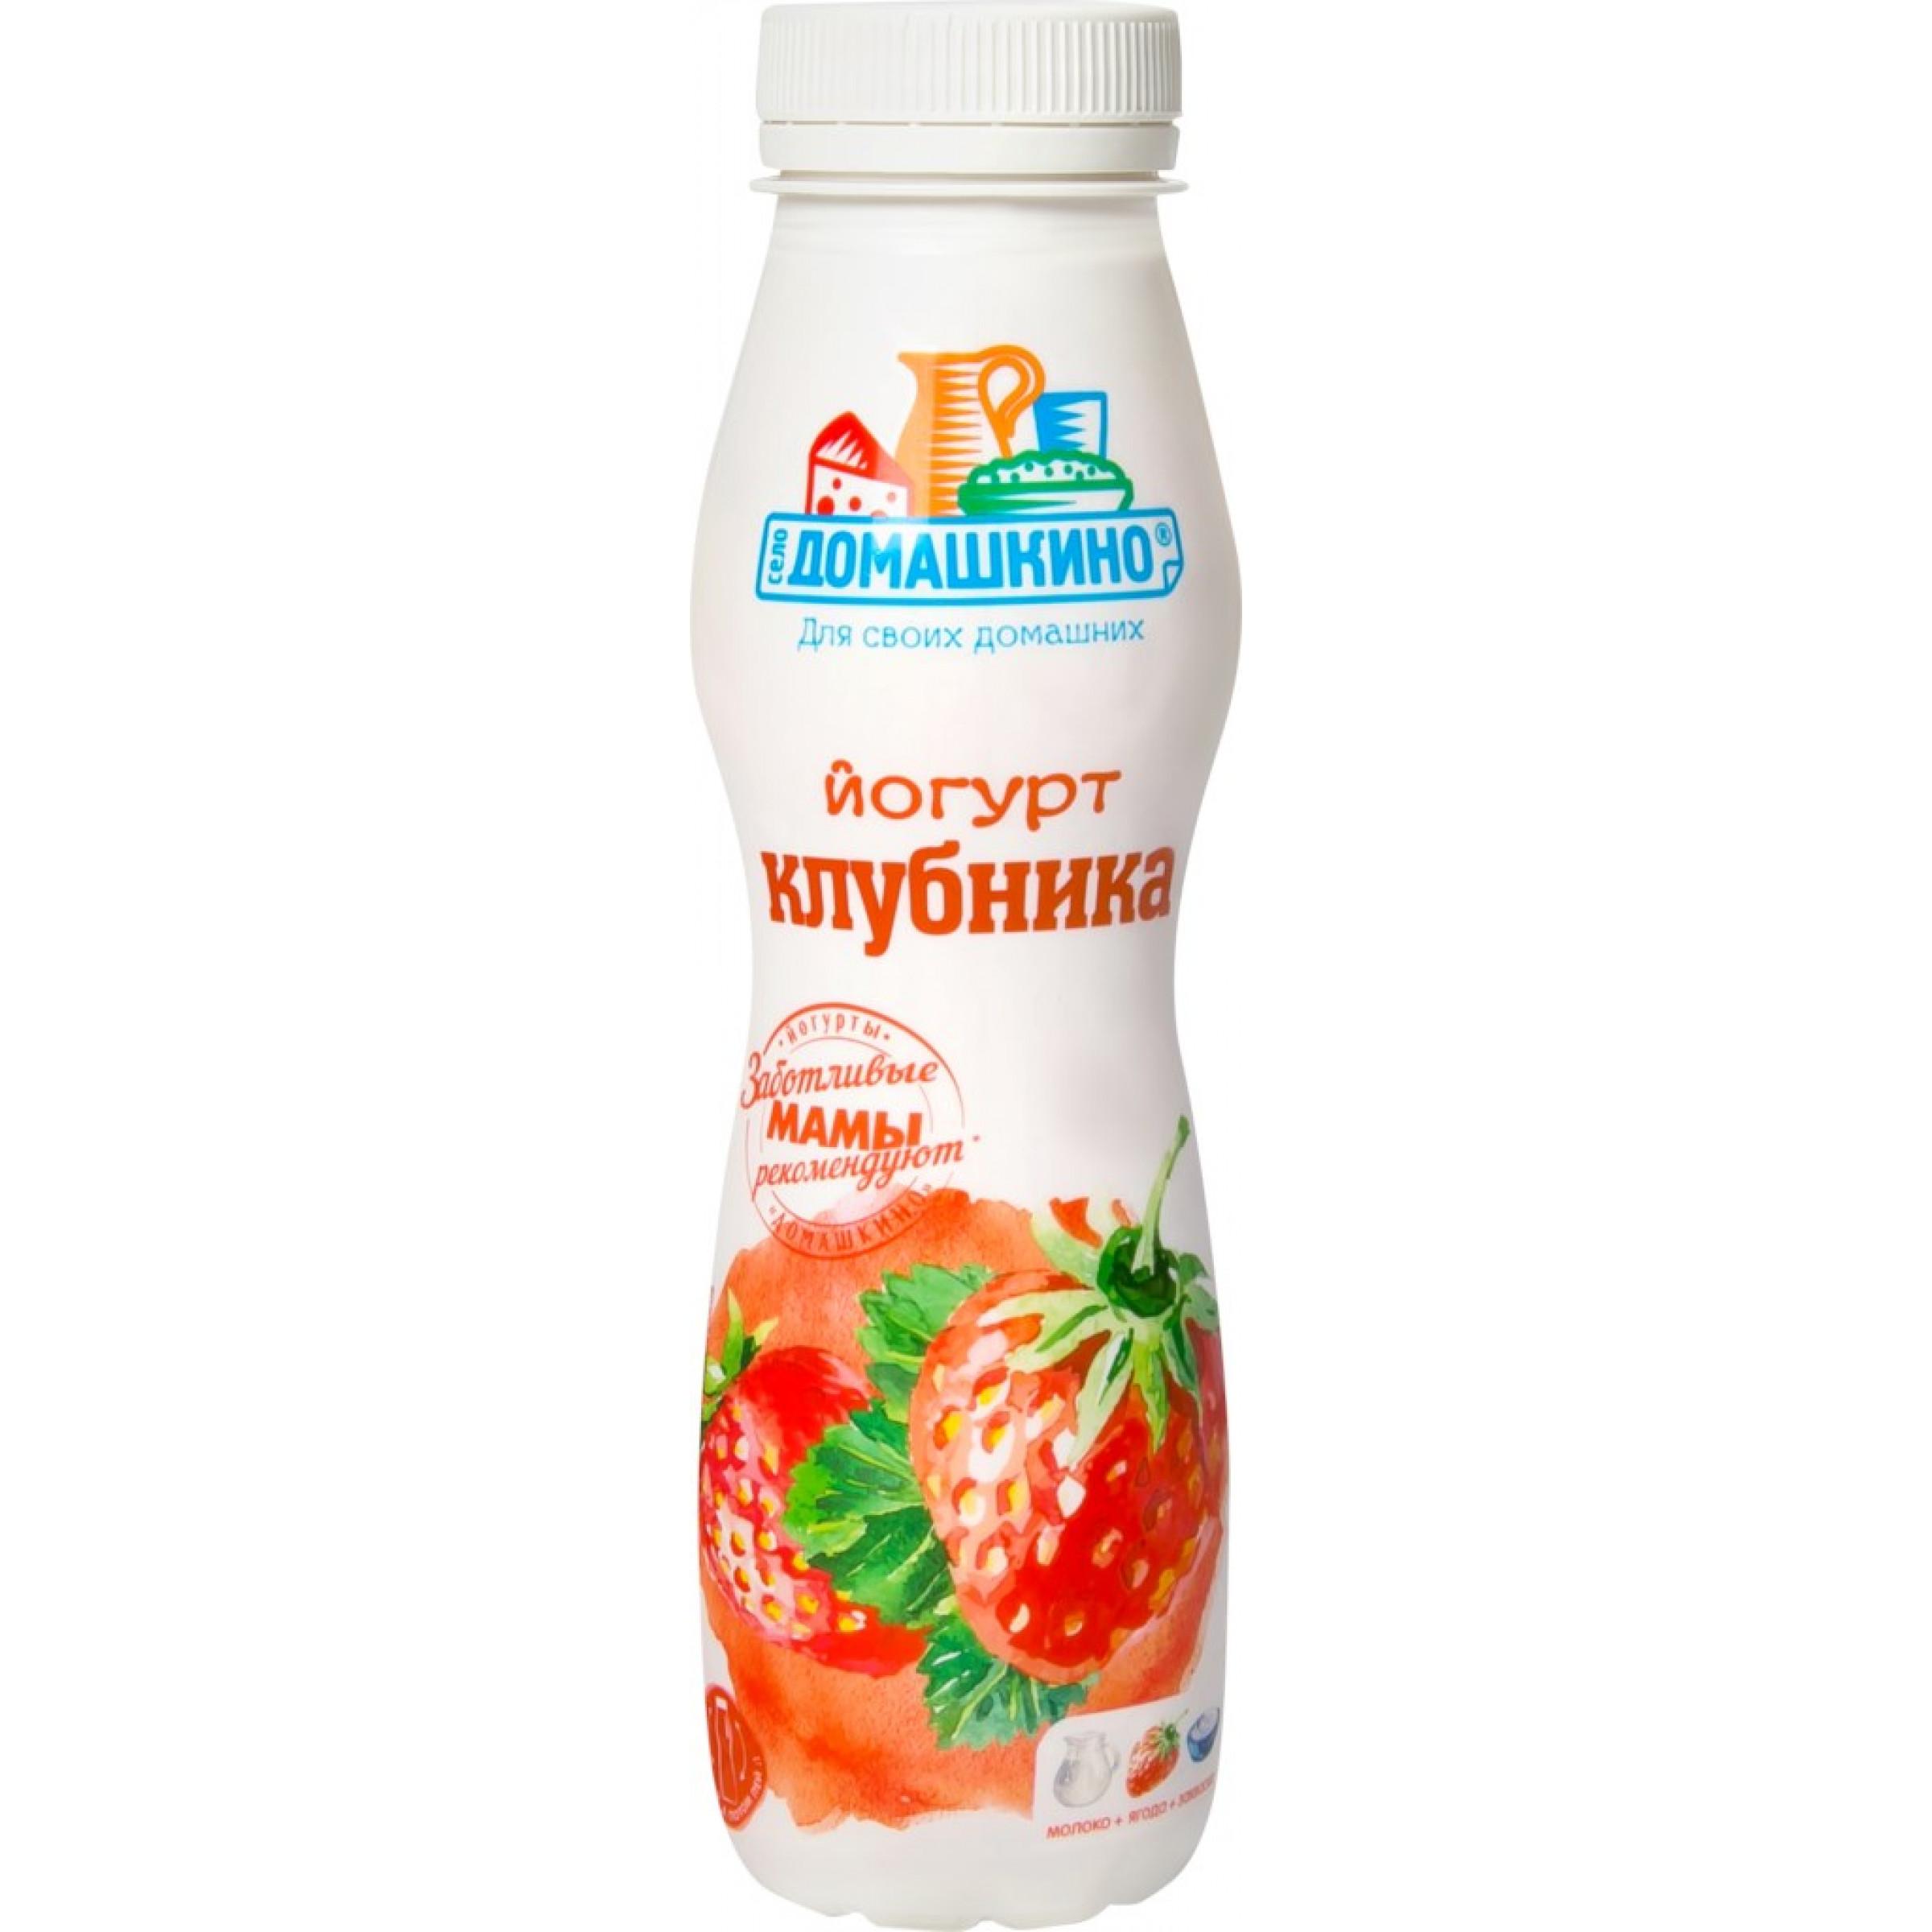 """Йогурт """"Домашкино"""" 2% питьевой клубника, 270гр."""